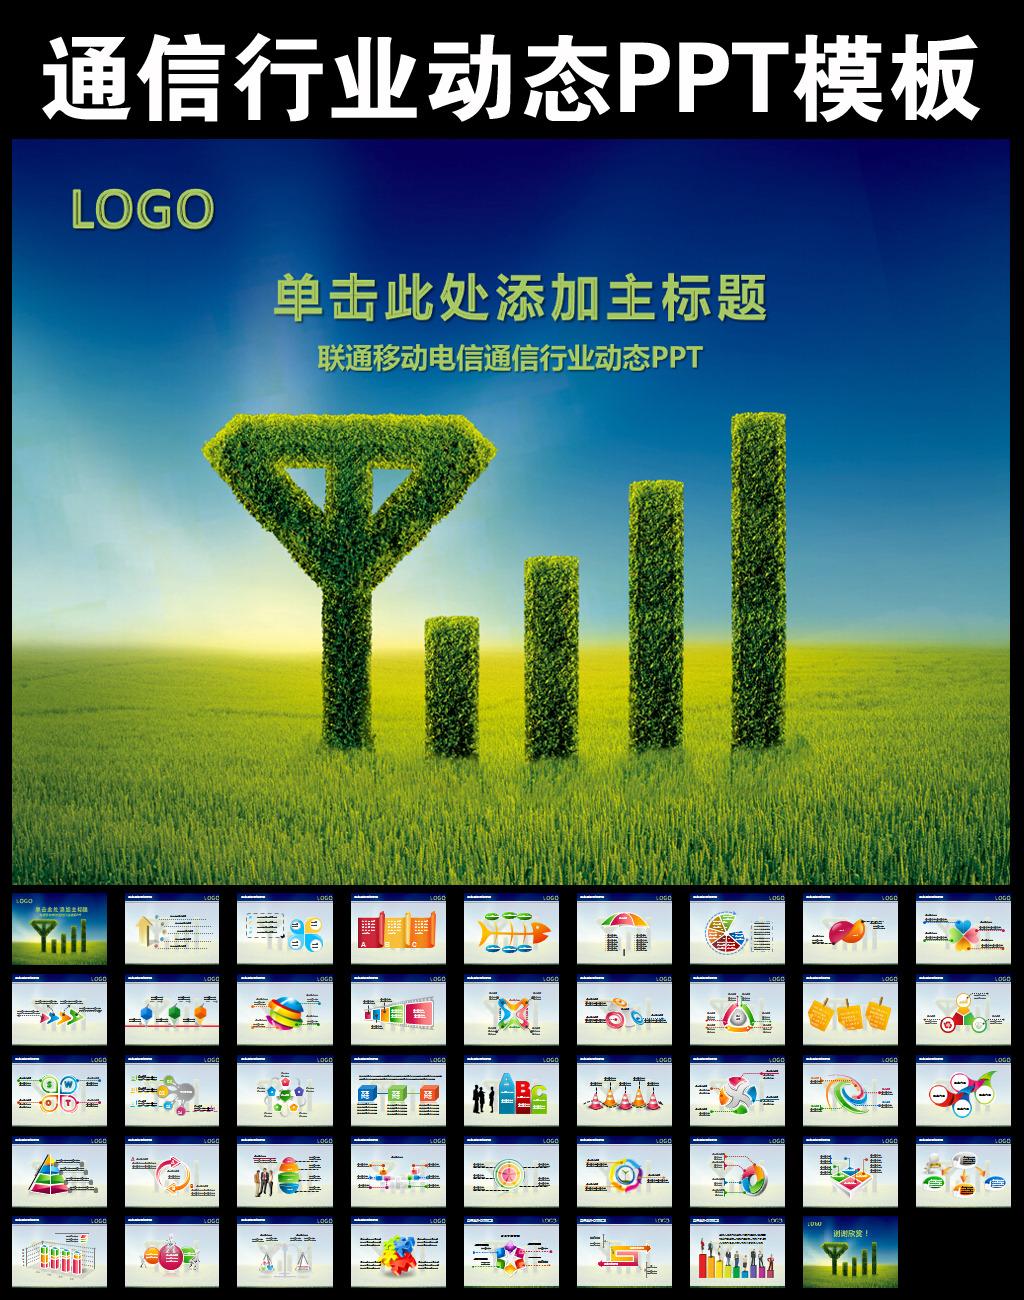 中国移动联通电信天翼通信行业ppt模板